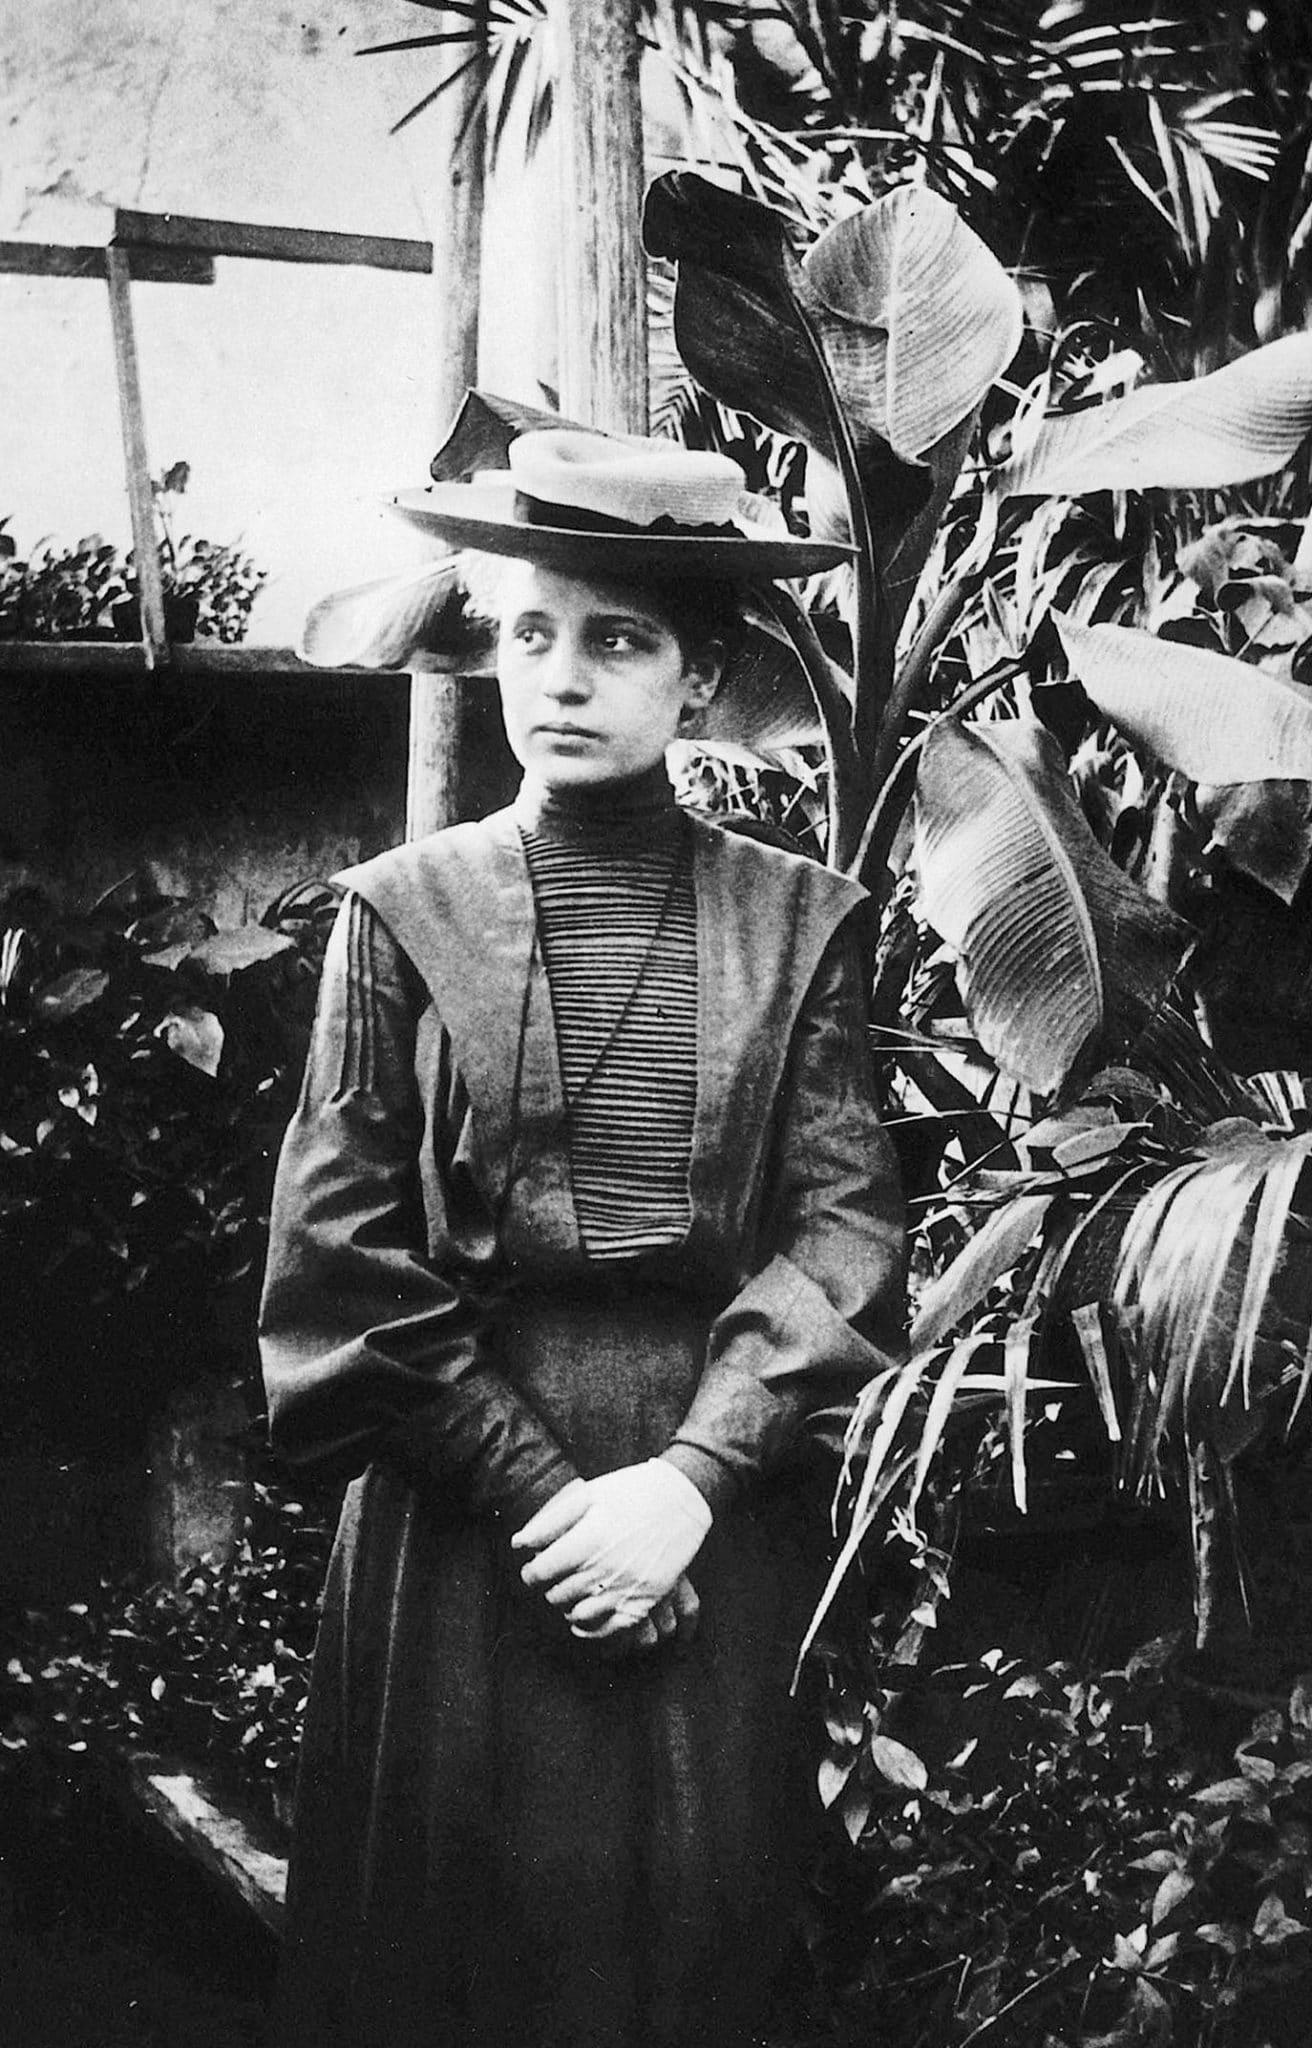 كانت مايتنر ثاني امرأة تحصل على درجة دكتور في جامعة فيينا. كان من غير المسموح للمرأة في ذلك الوقت في النمسا دخول معاهد التعليم العالي، لكن بفضل دعم أبويها حصلت على تعليم خاص عالي أكملته في 1901 حين نجحت في الامتحان الخارجي في مدرسة أكاديميشز. تذكر مايتنر غالبا كأحسن مثال للإنجاز العلمي للمرأة تجاهلته لجنة نوبل، فهي التي فسرت معادلة الطاقة النووية.